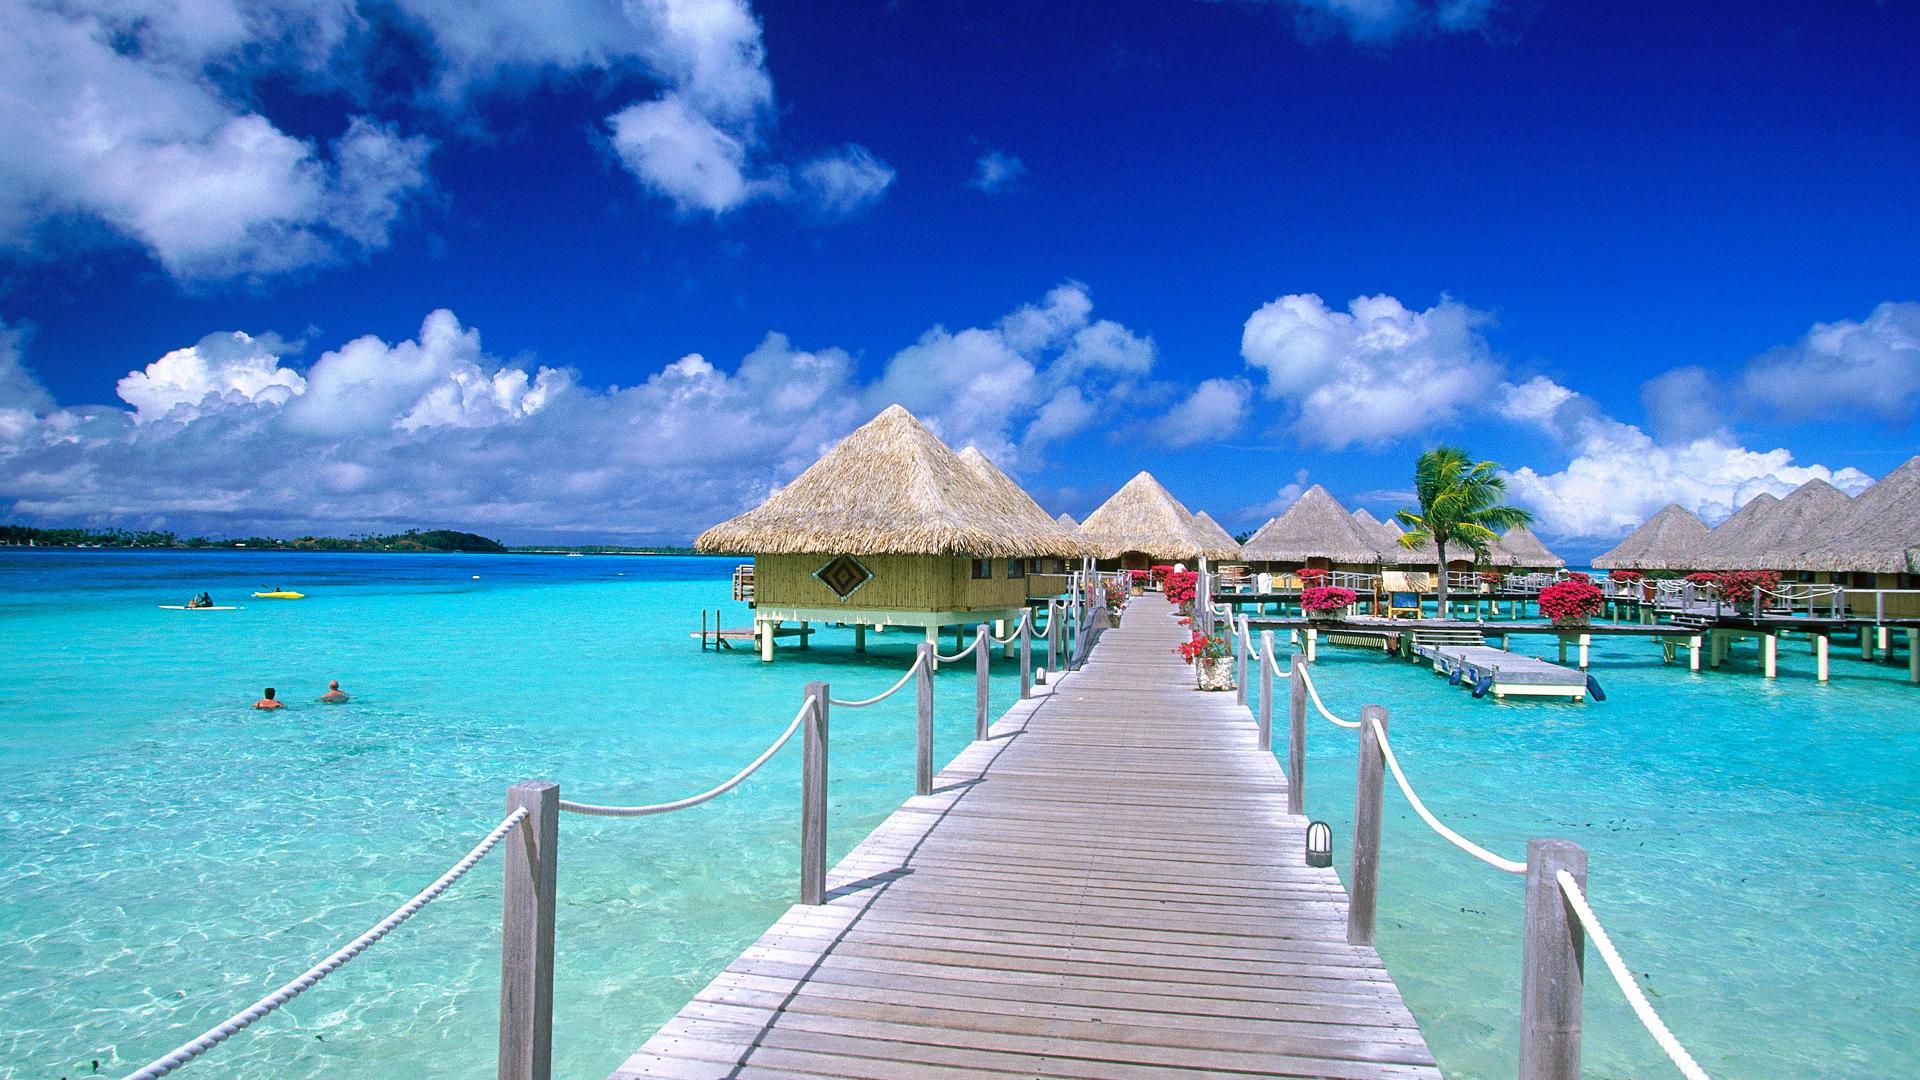 Desktop Backgrounds Beach